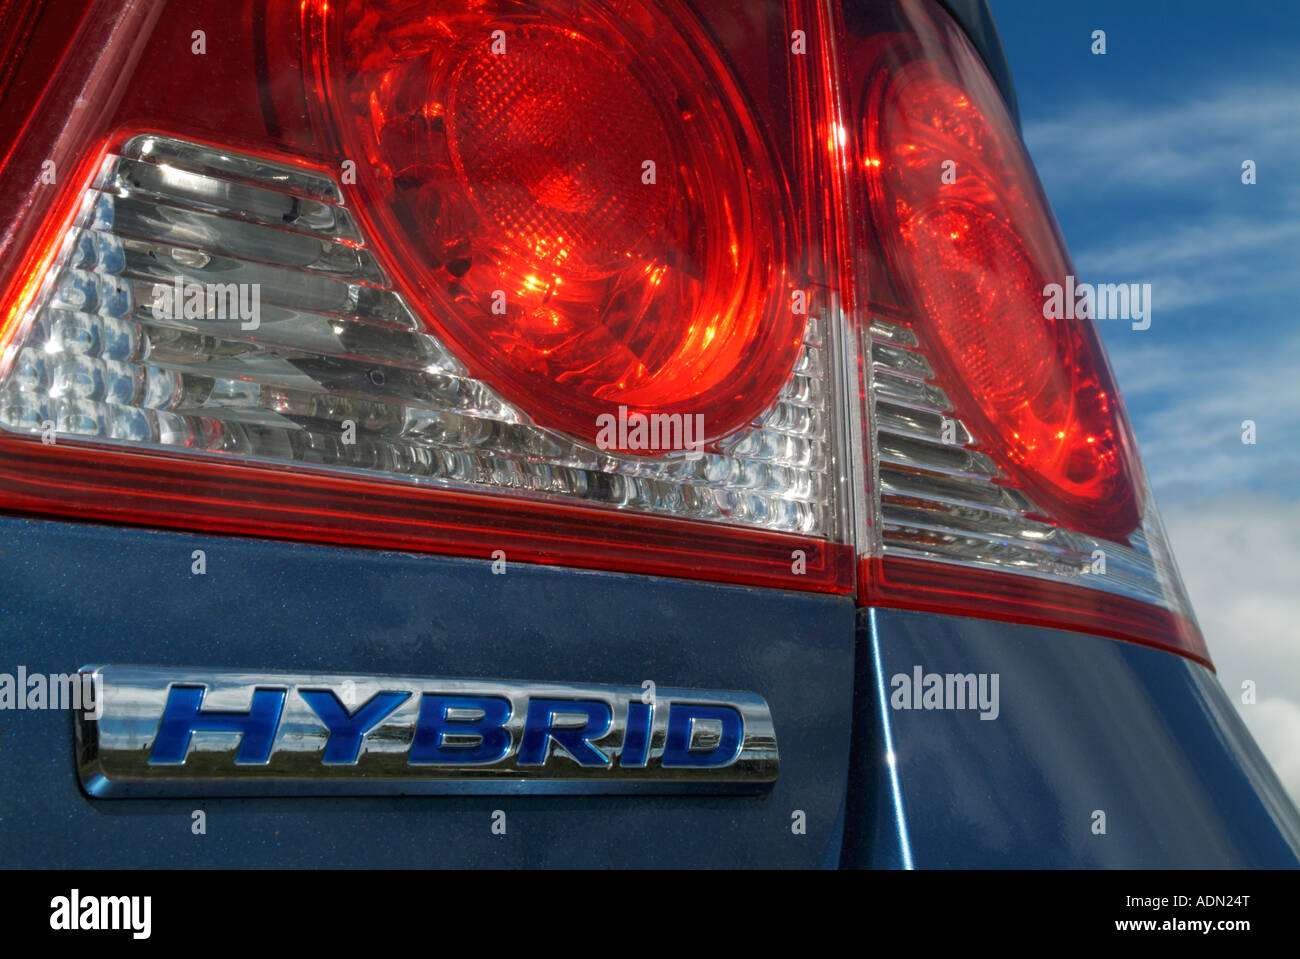 Le feu arrière et de l'insigne de la Honda Civic Hybrid Photo Stock